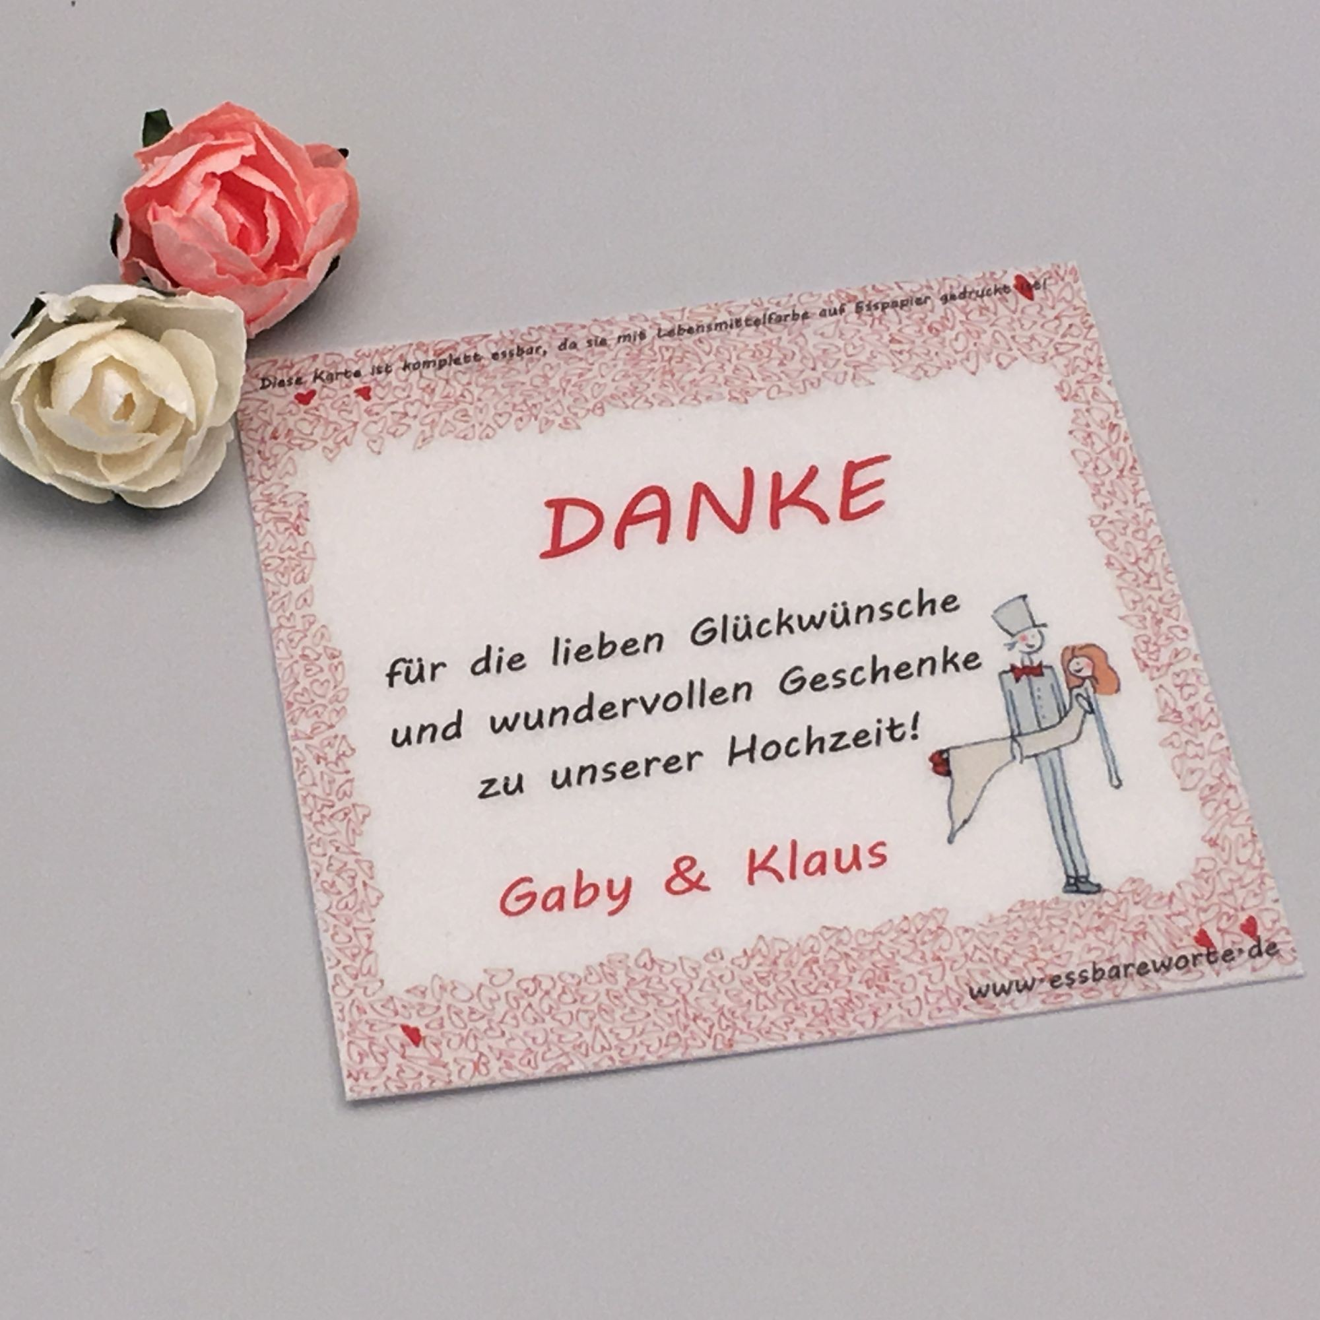 Dankeskarte Zur Hochzeit Mit Brautpaar